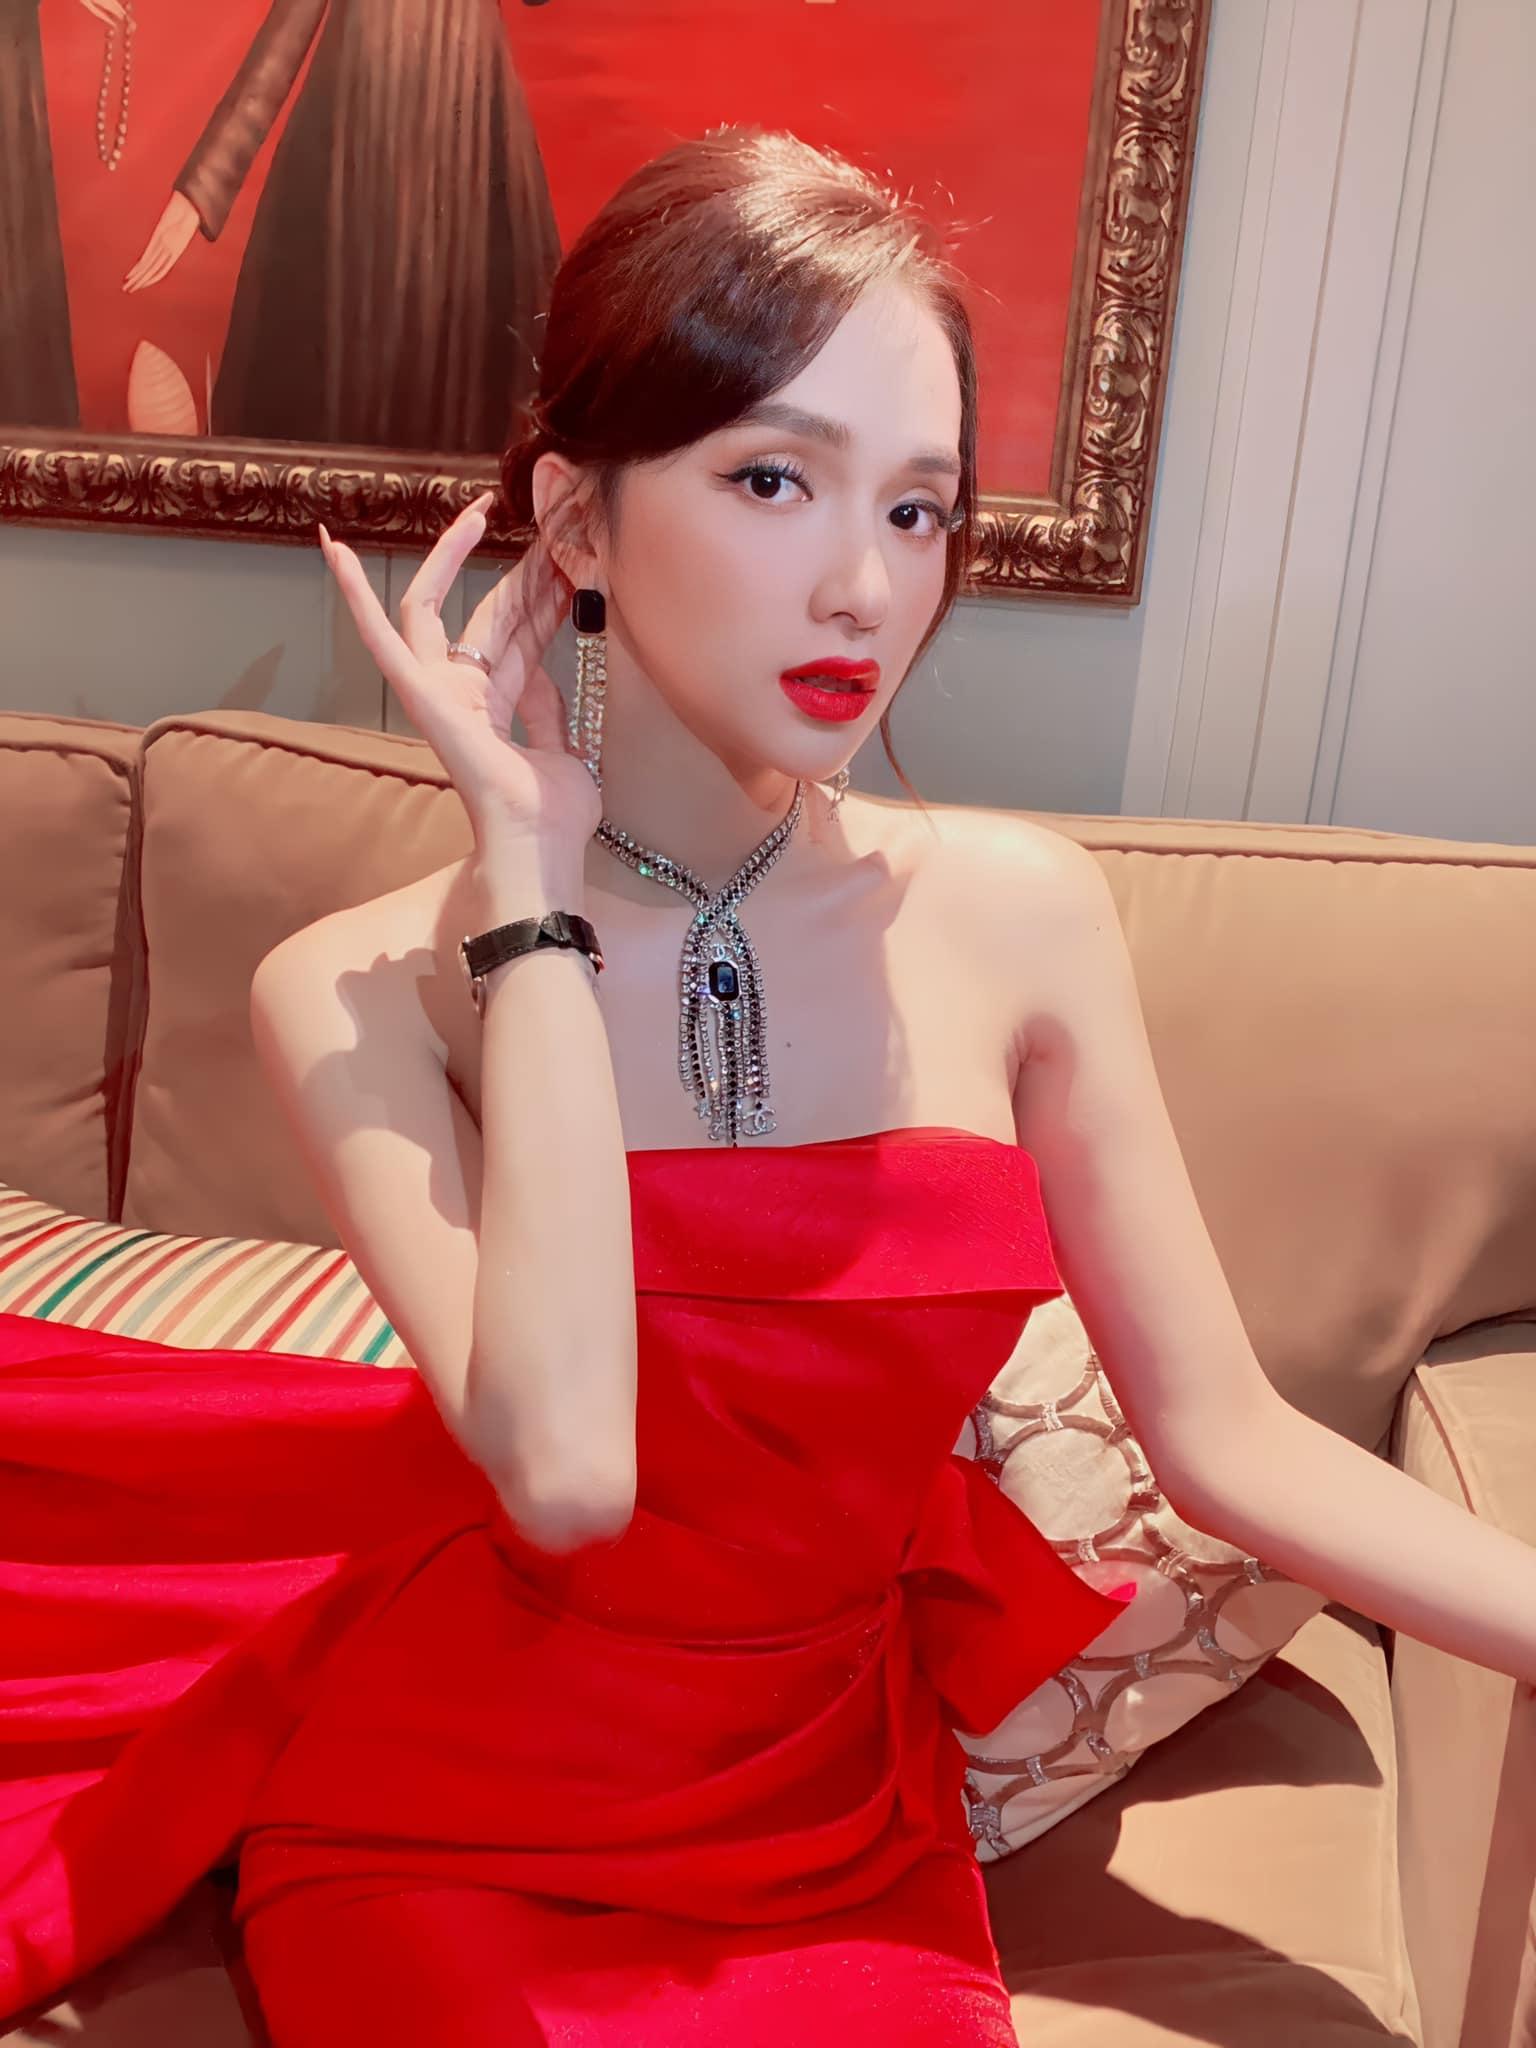 Ảnh chụp lén Hương Giang: lấnát đàn chị siêu mẫu nhờ đường cong body,nhưng amp;#34;mặt tiềnamp;#34; sao tròn lạ? - 15